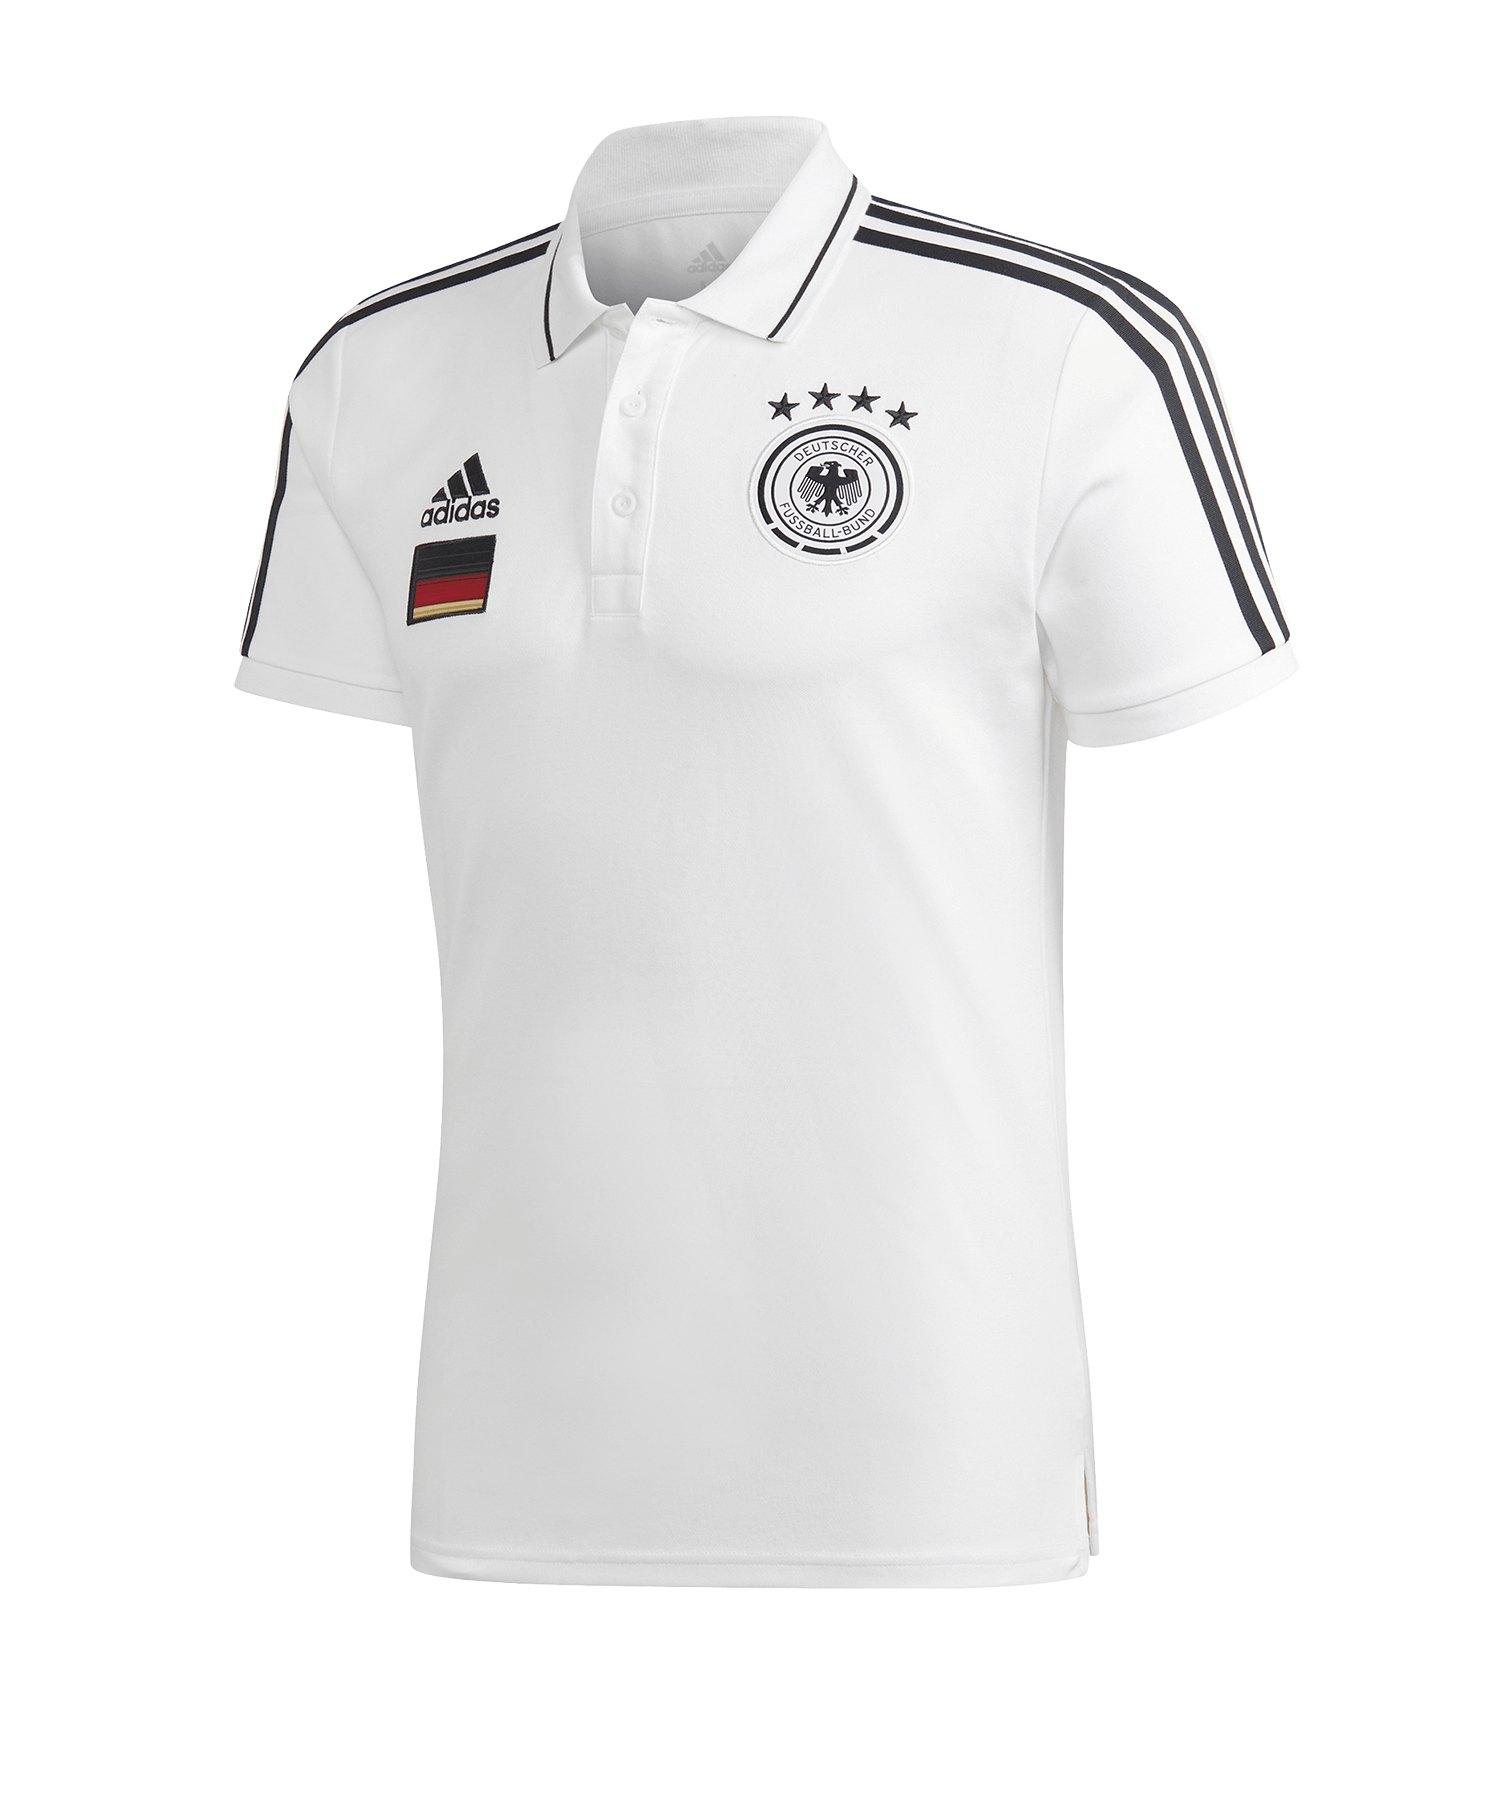 adidas DFB Deutschland 3S Poloshirt Weiss - weiss